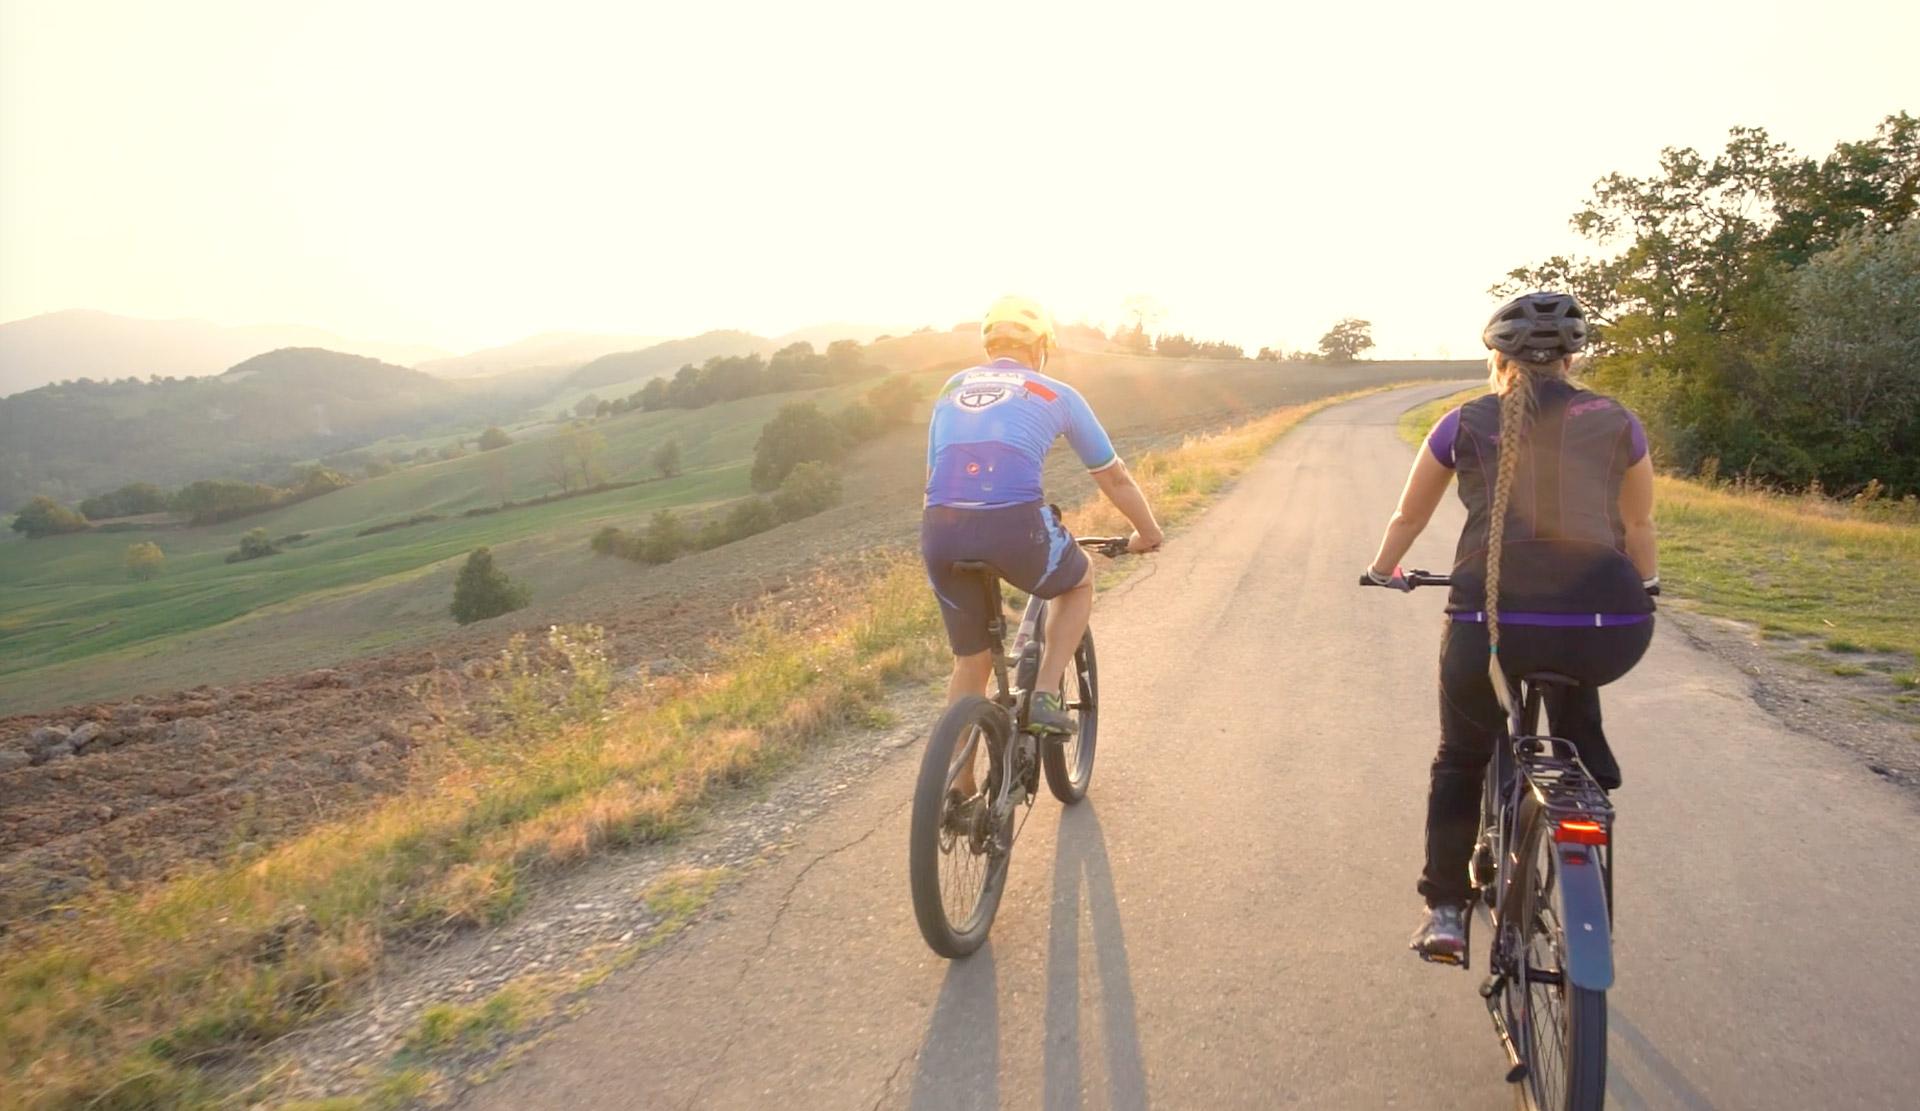 Biciclettata nei luoghi di interesse di Tabiano Terme e dintorni